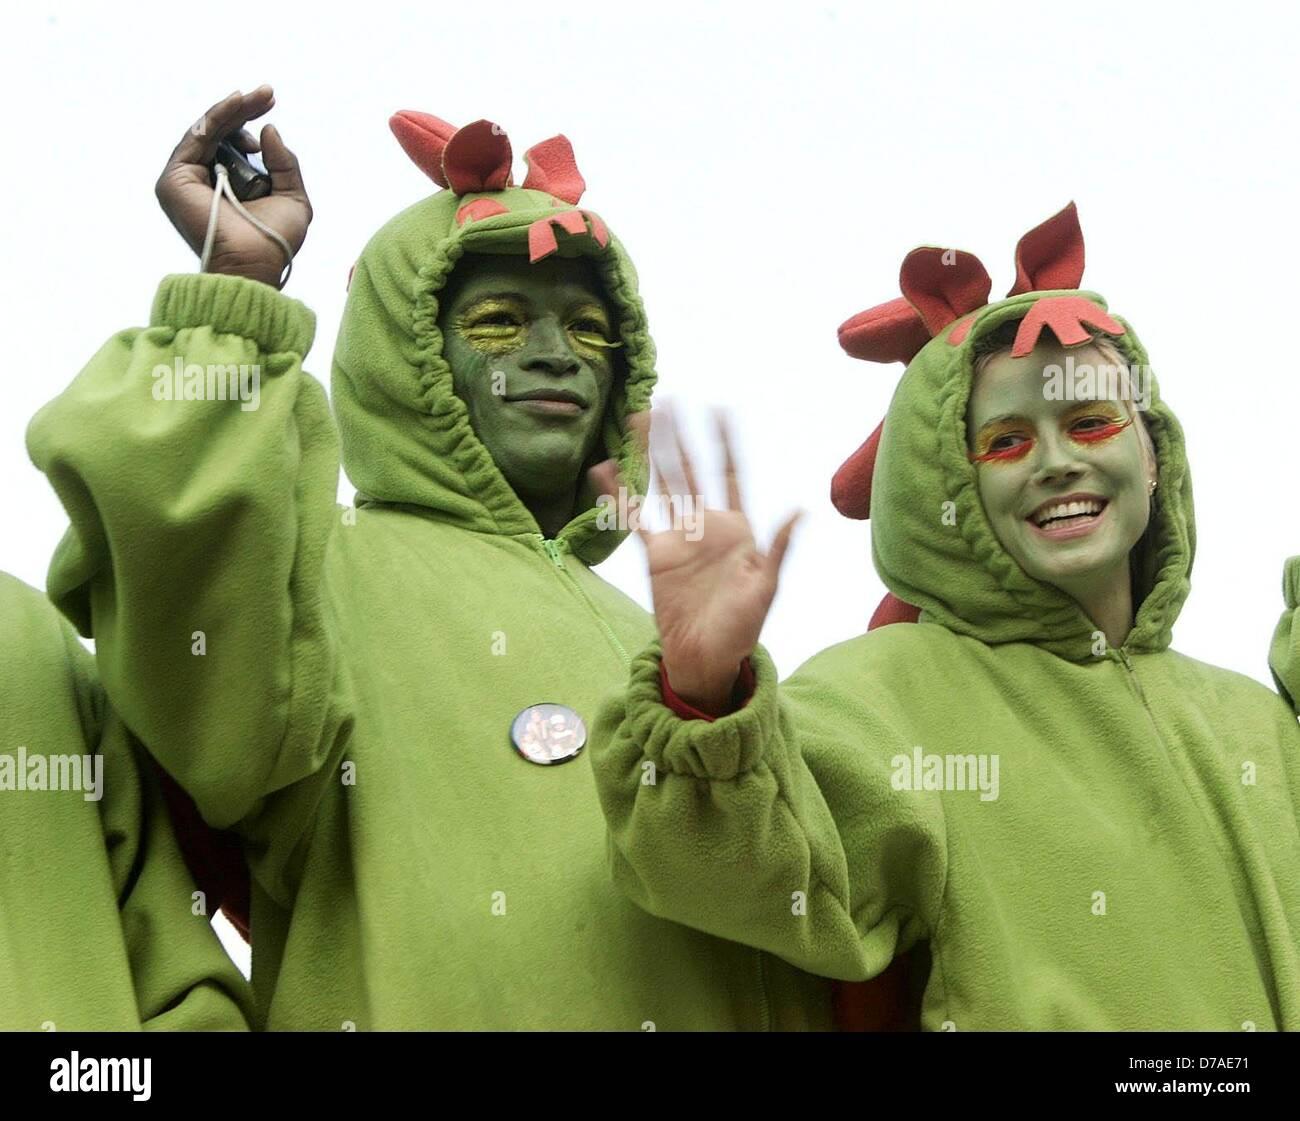 Seal und Heidi Klum feiern Karneval in Bergisch-Gladbach, der Heimatstadt von Heidi Klum, den 06. Februar 2005. Stockfoto